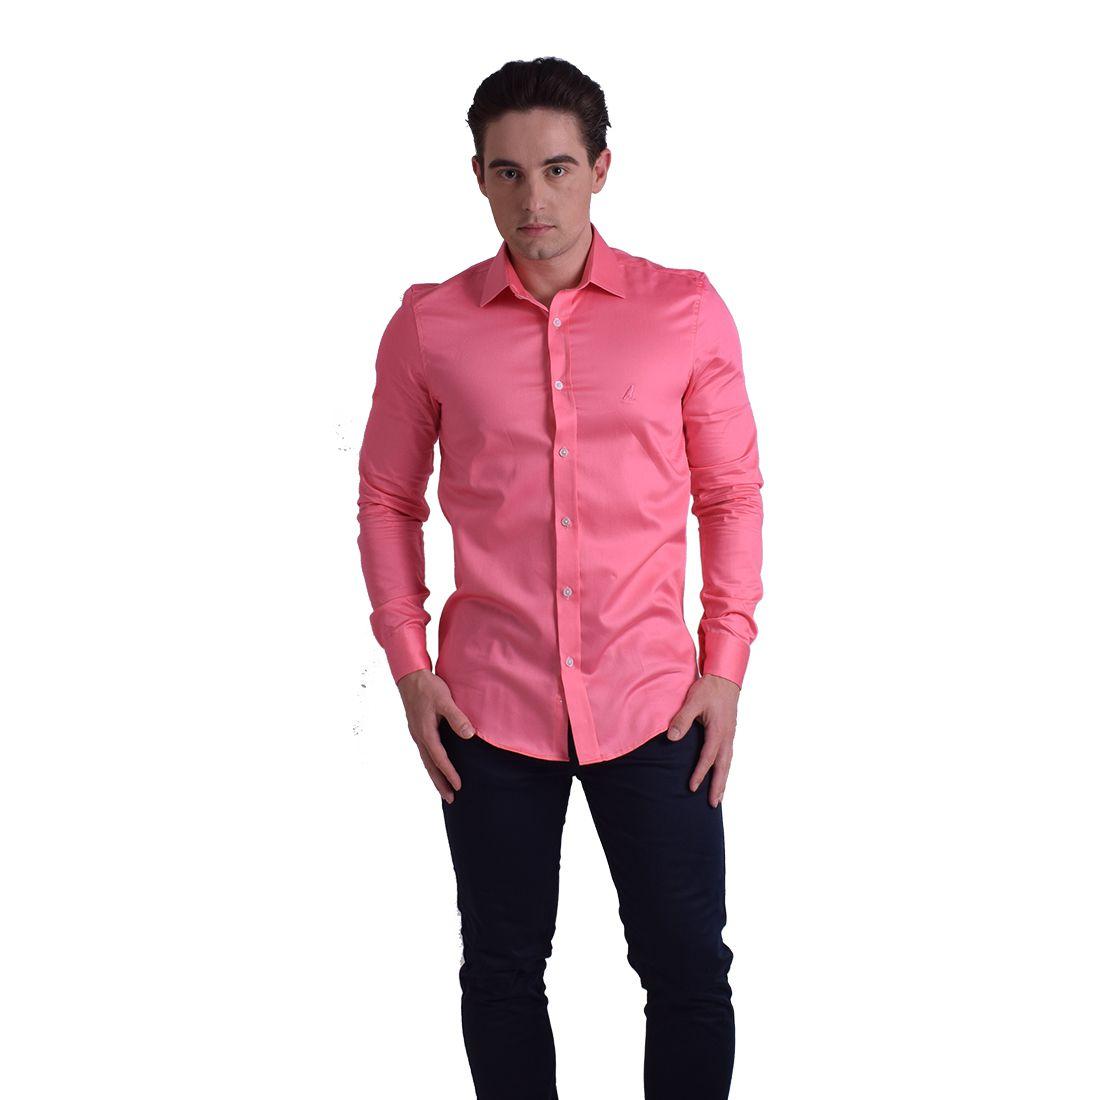 Camisa Social Rosa com Calça Jeans